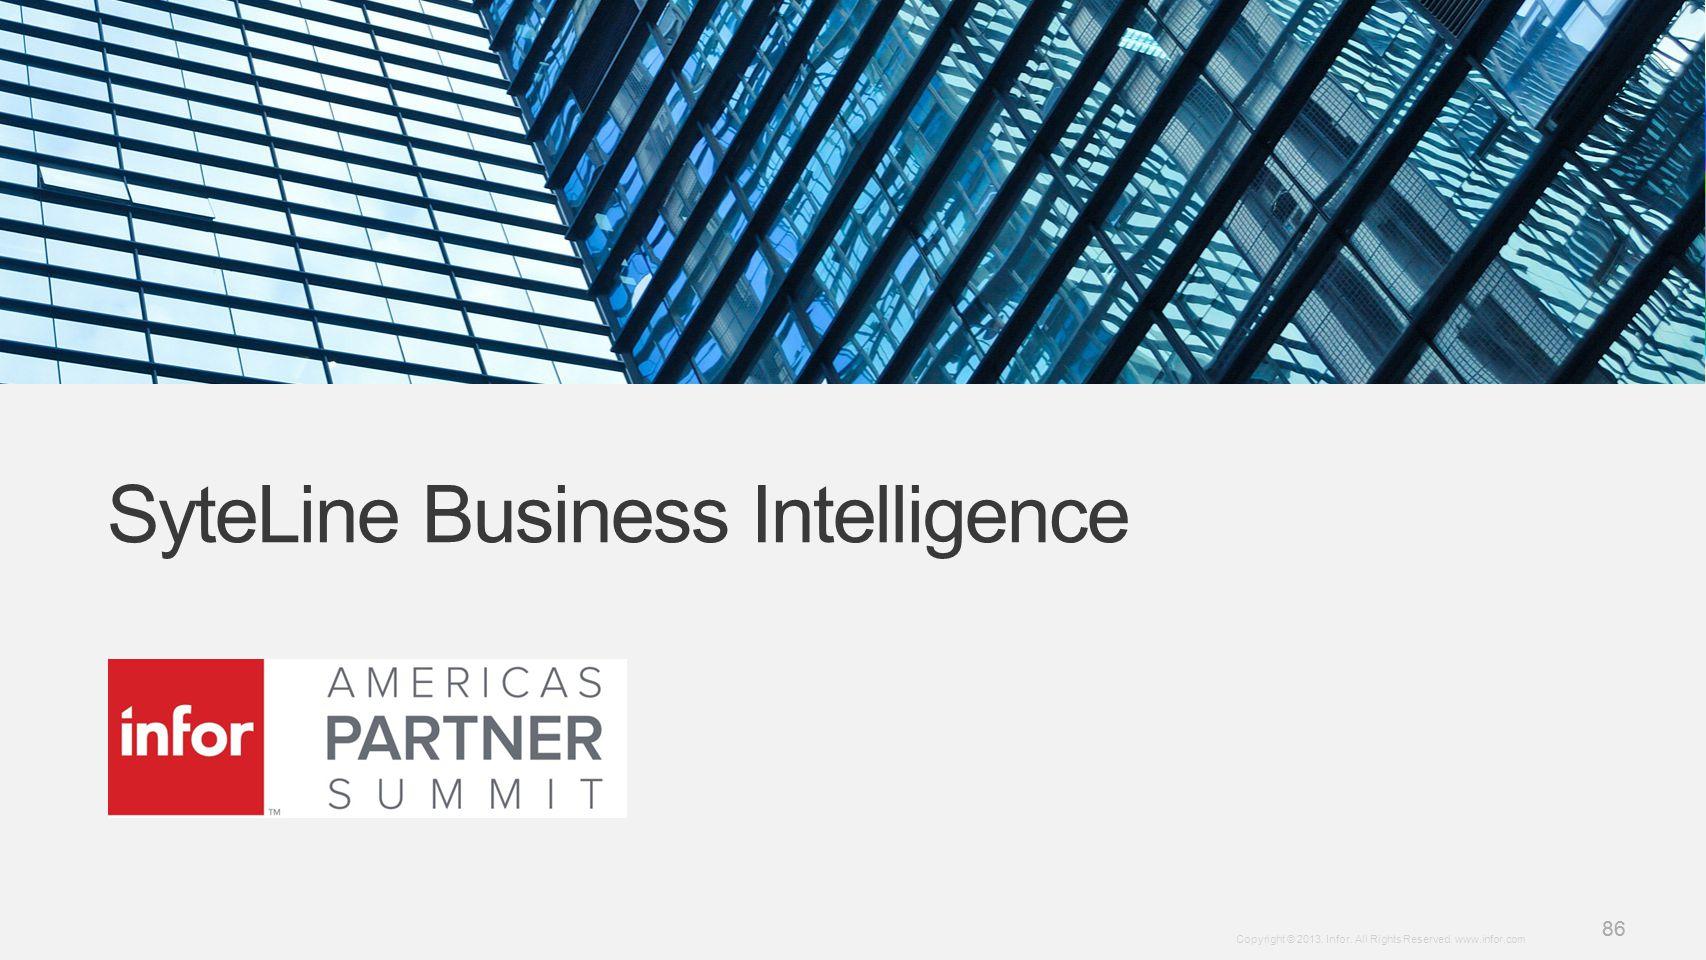 SyteLine Business Intelligence